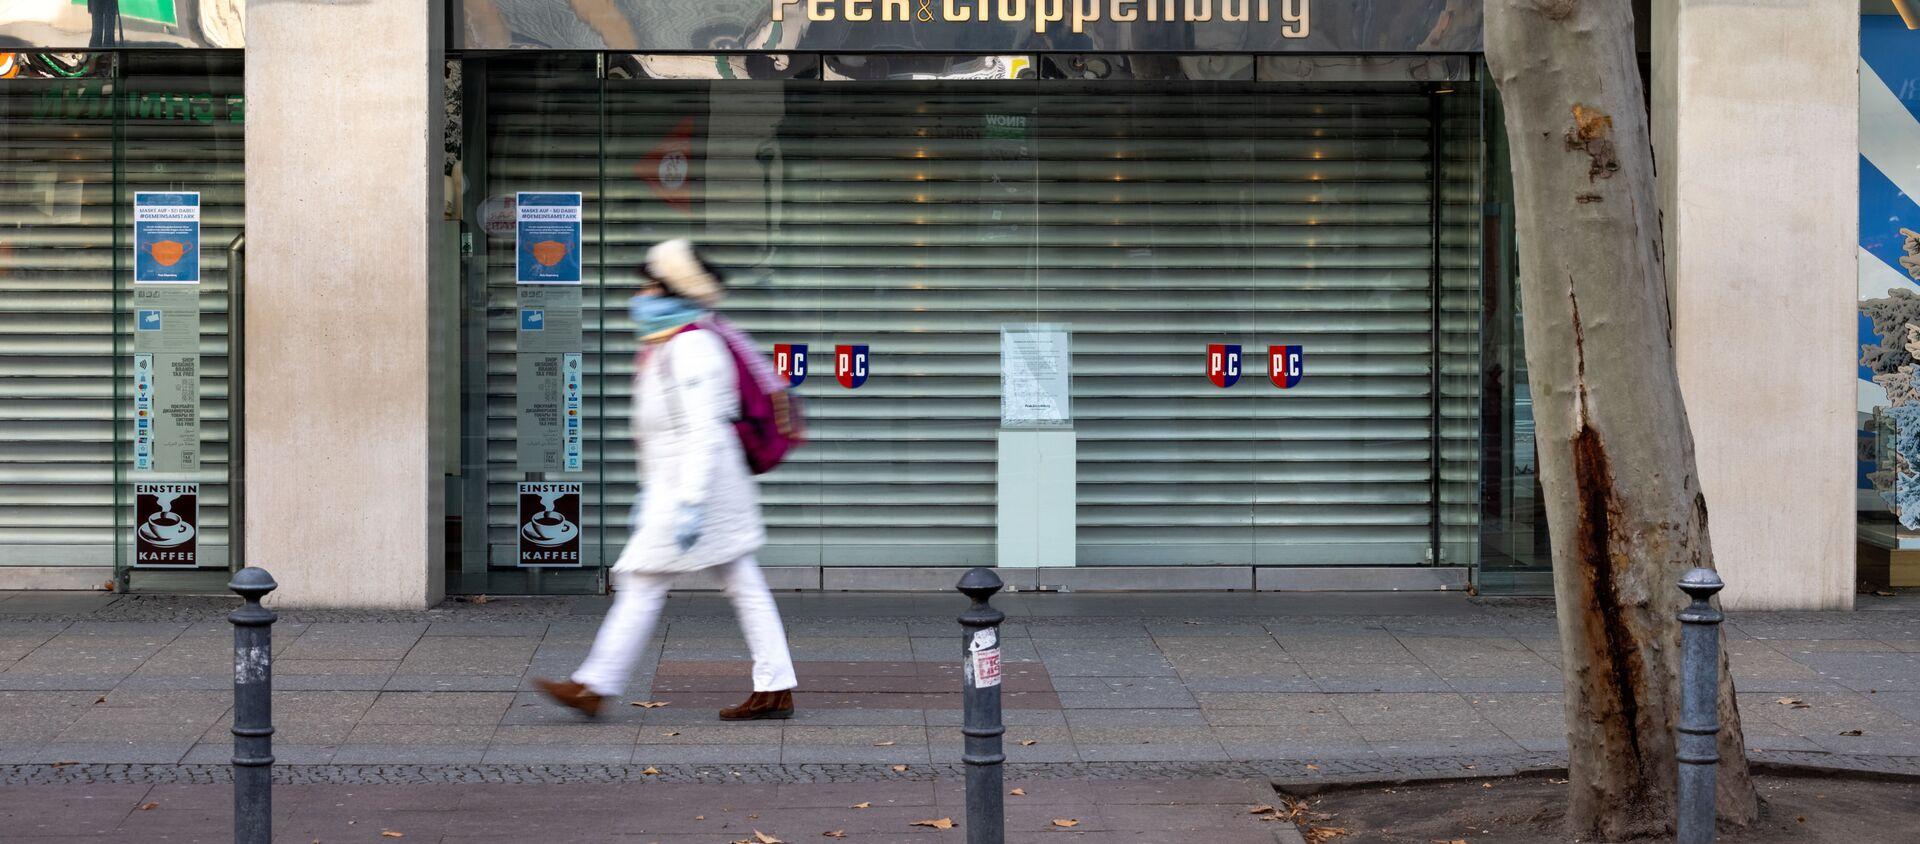 Zamknięty sklep przy ulicy Tauenzienstrasse w Berlinie podczas ogólnokrajowego lockdownu w Niemczech - Sputnik Polska, 1920, 10.02.2021